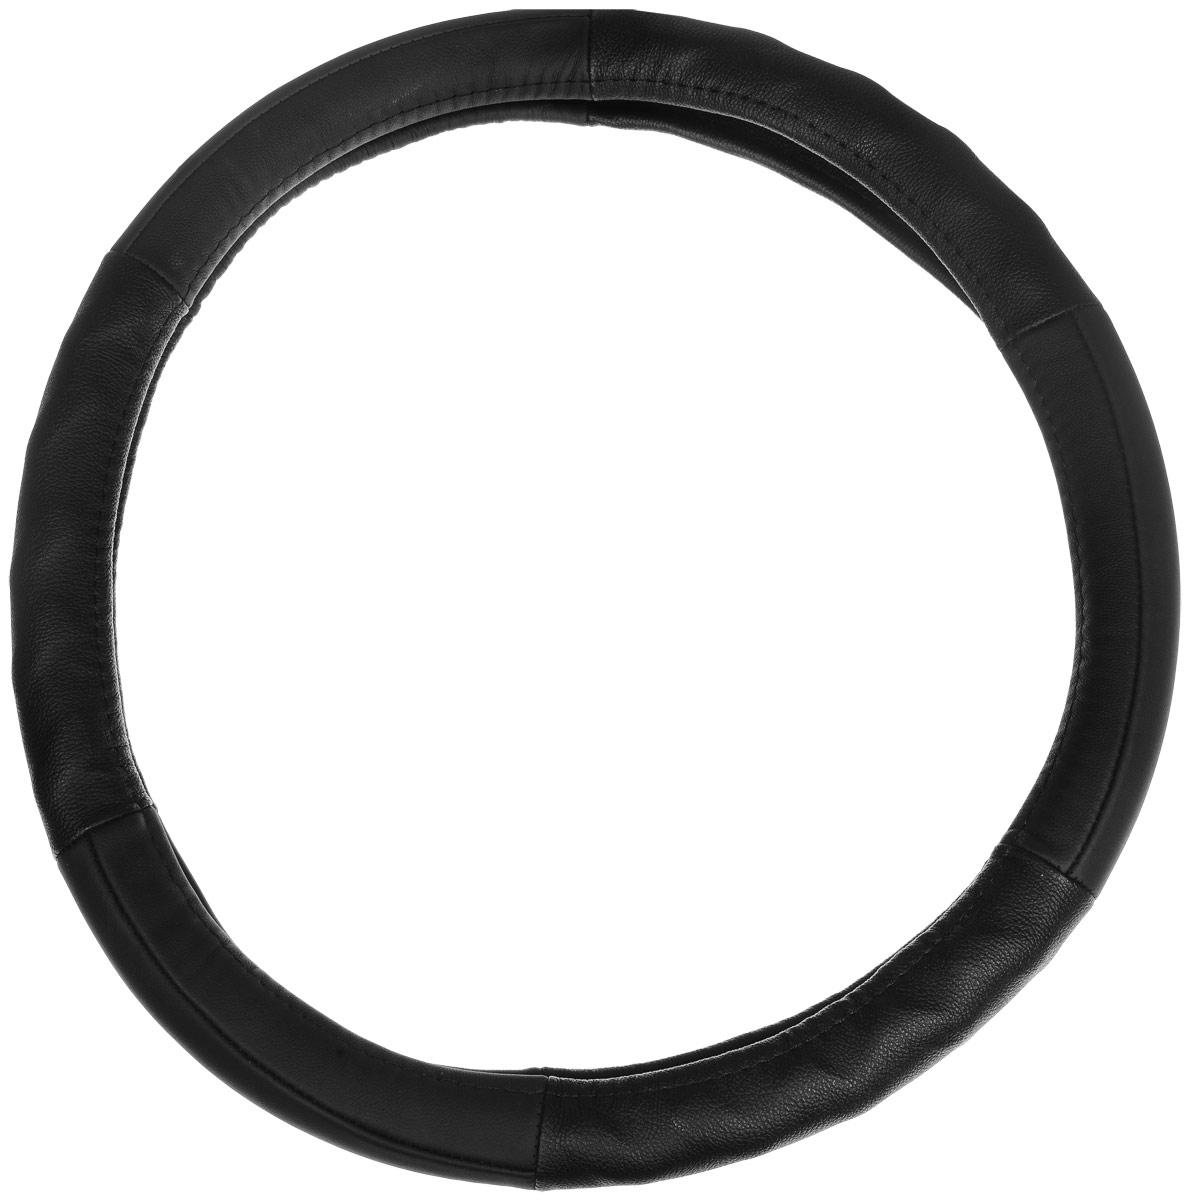 цена на Оплетка руля Autoprofi AP-300, протектор елочкой, цвет: черный. Размер M (38 см). AP-300 BK (M)